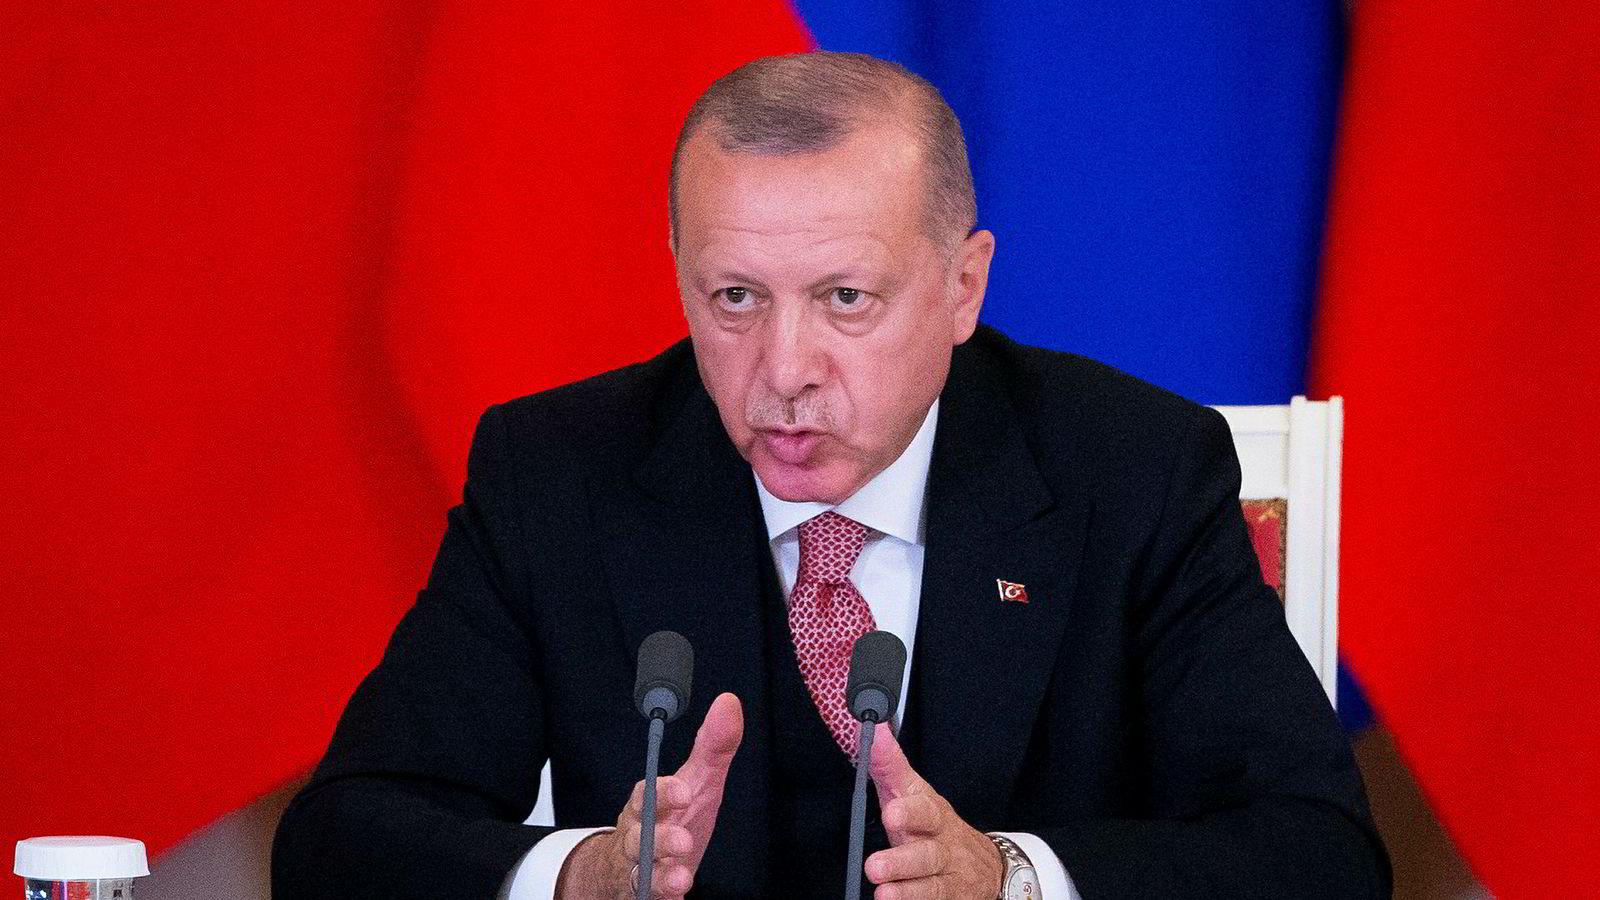 Tyrkias president Erdogan og hans parti AKP krever omvalg i Istanbul.